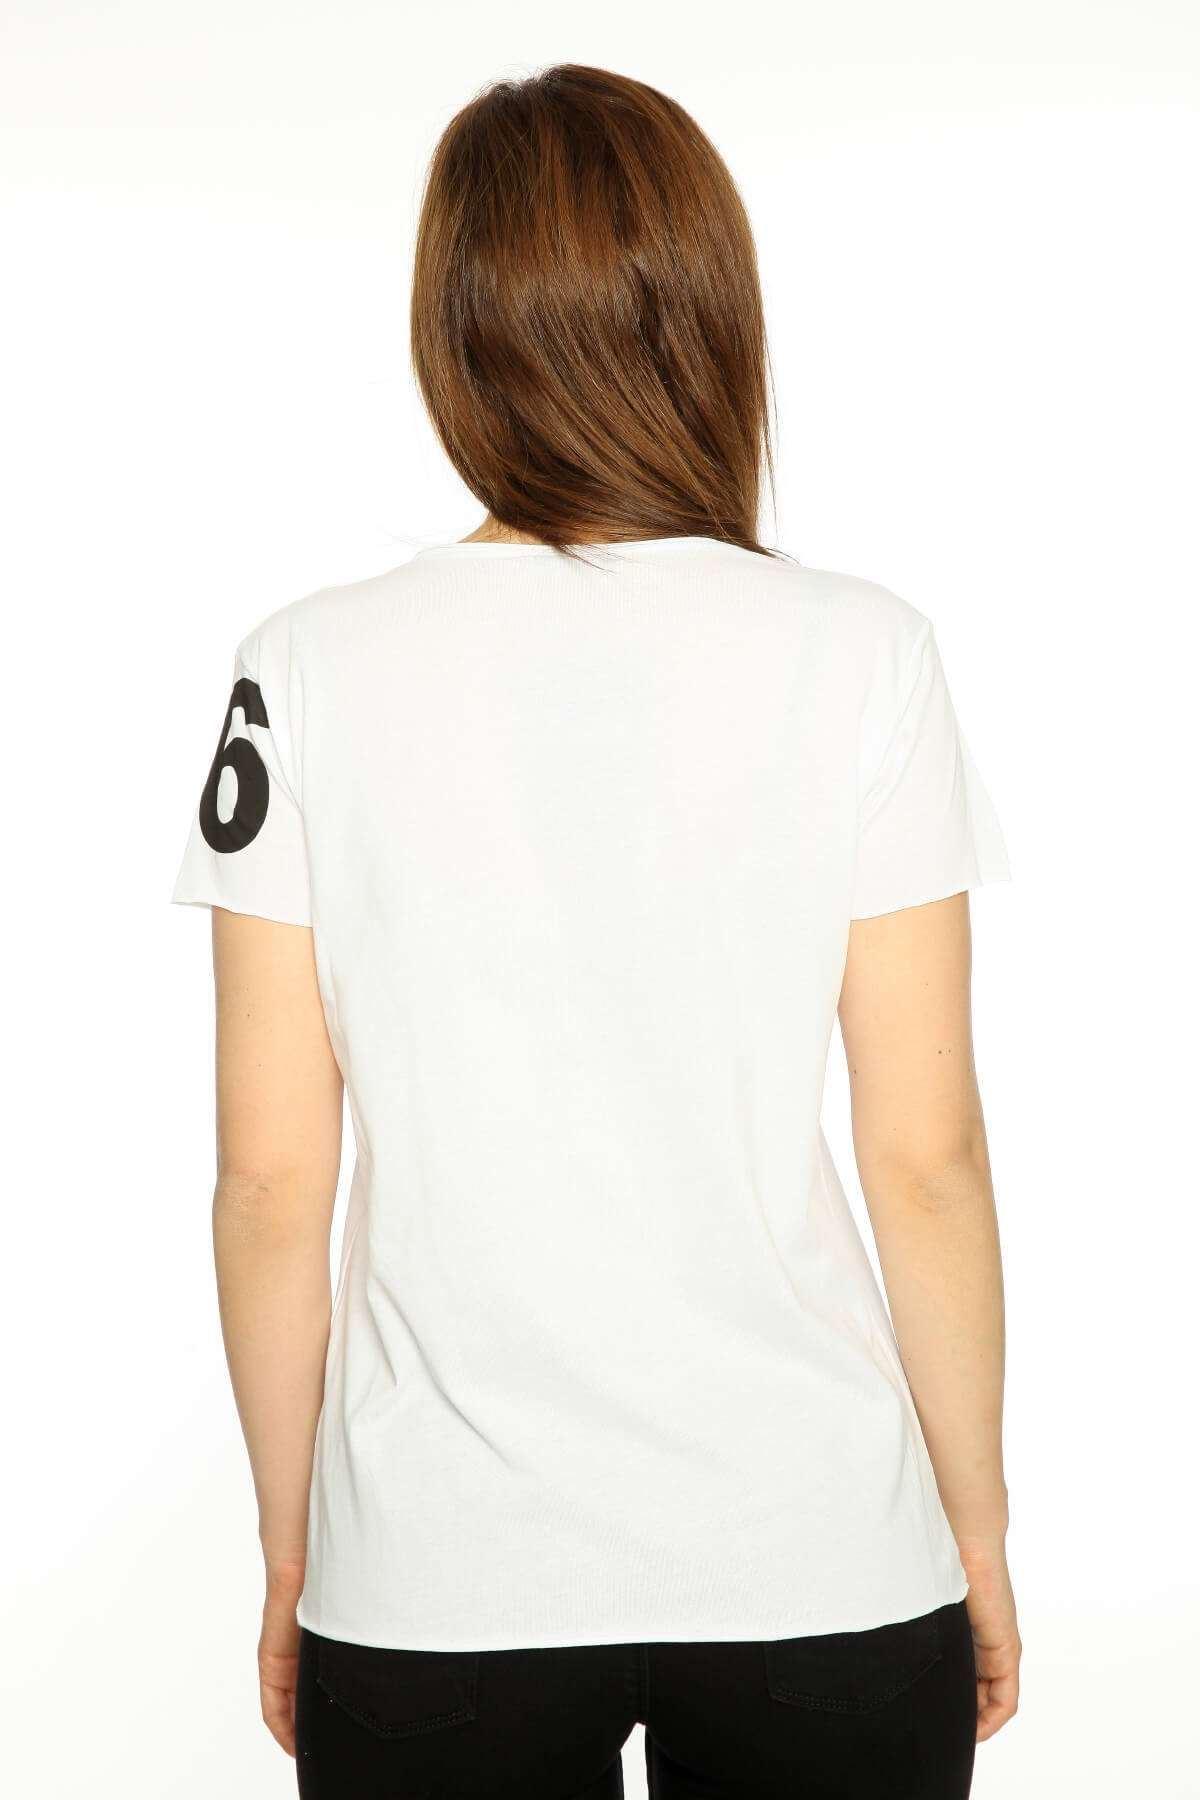 Önü Kot Yıldız Desenli V Yaka Tişört Beyaz